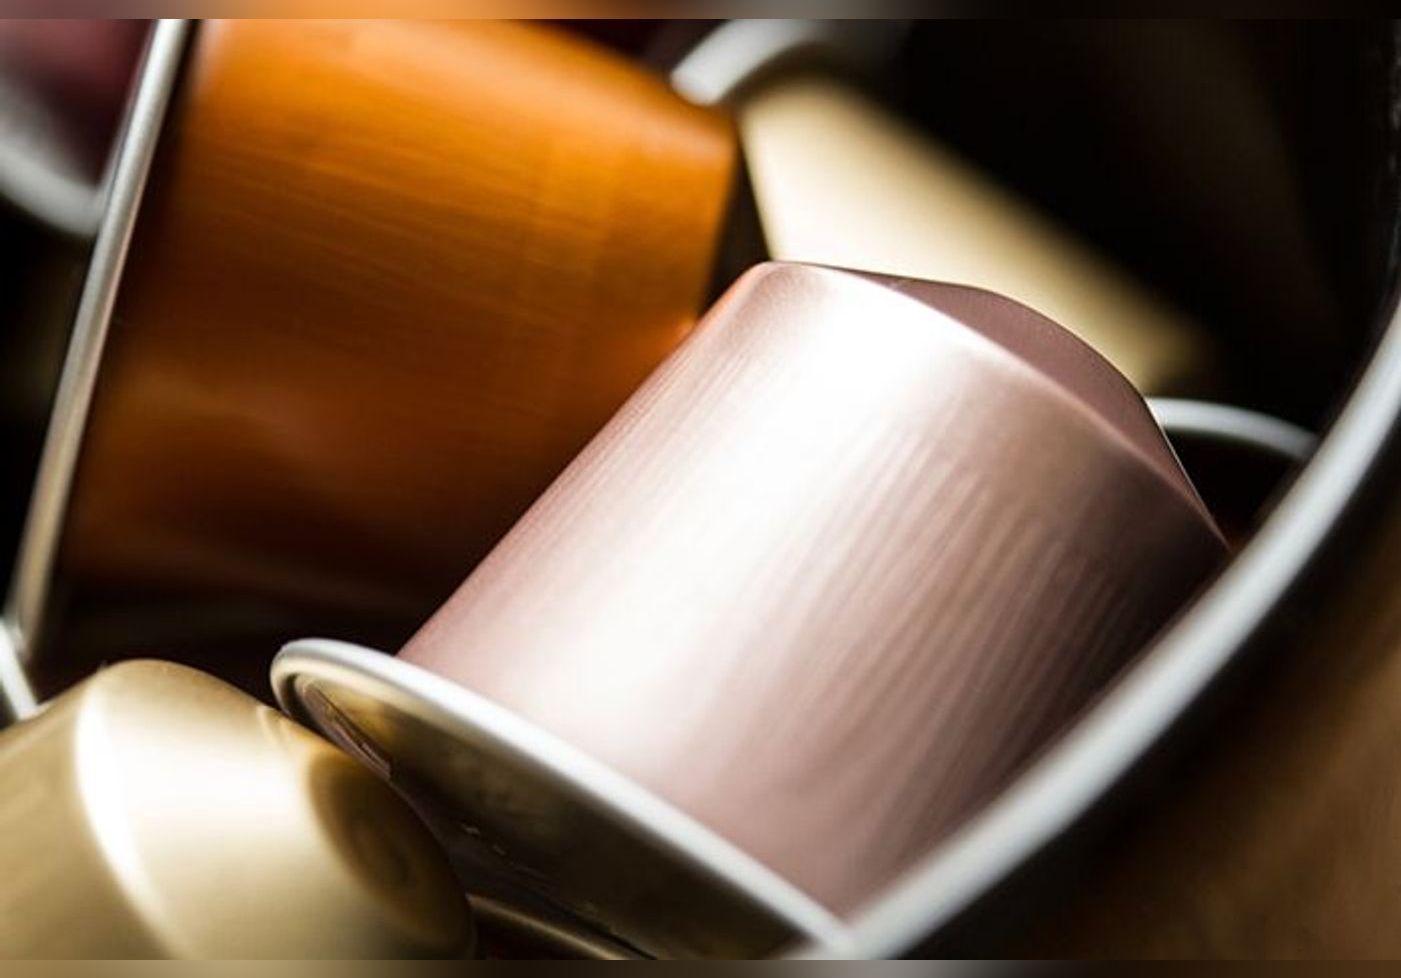 Cette astuce permet de réutiliser des capsules de café, économique, elle va vous changer la vie